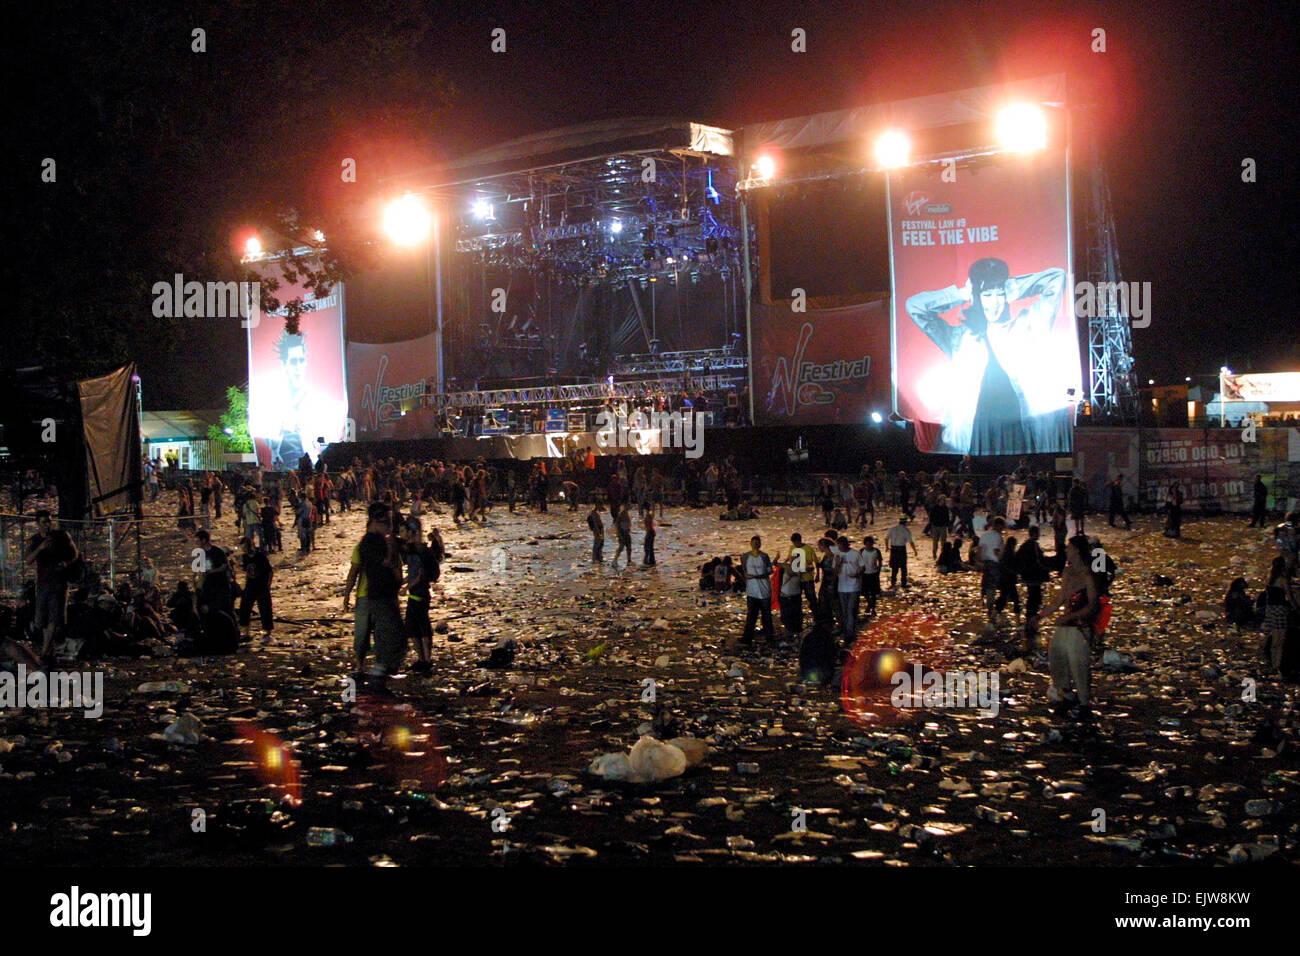 V Virgin Music Festival V2003, la fin du festival et de la foule, laissant Hylands Park, Chelmsford, Essex, Angleterre Banque D'Images